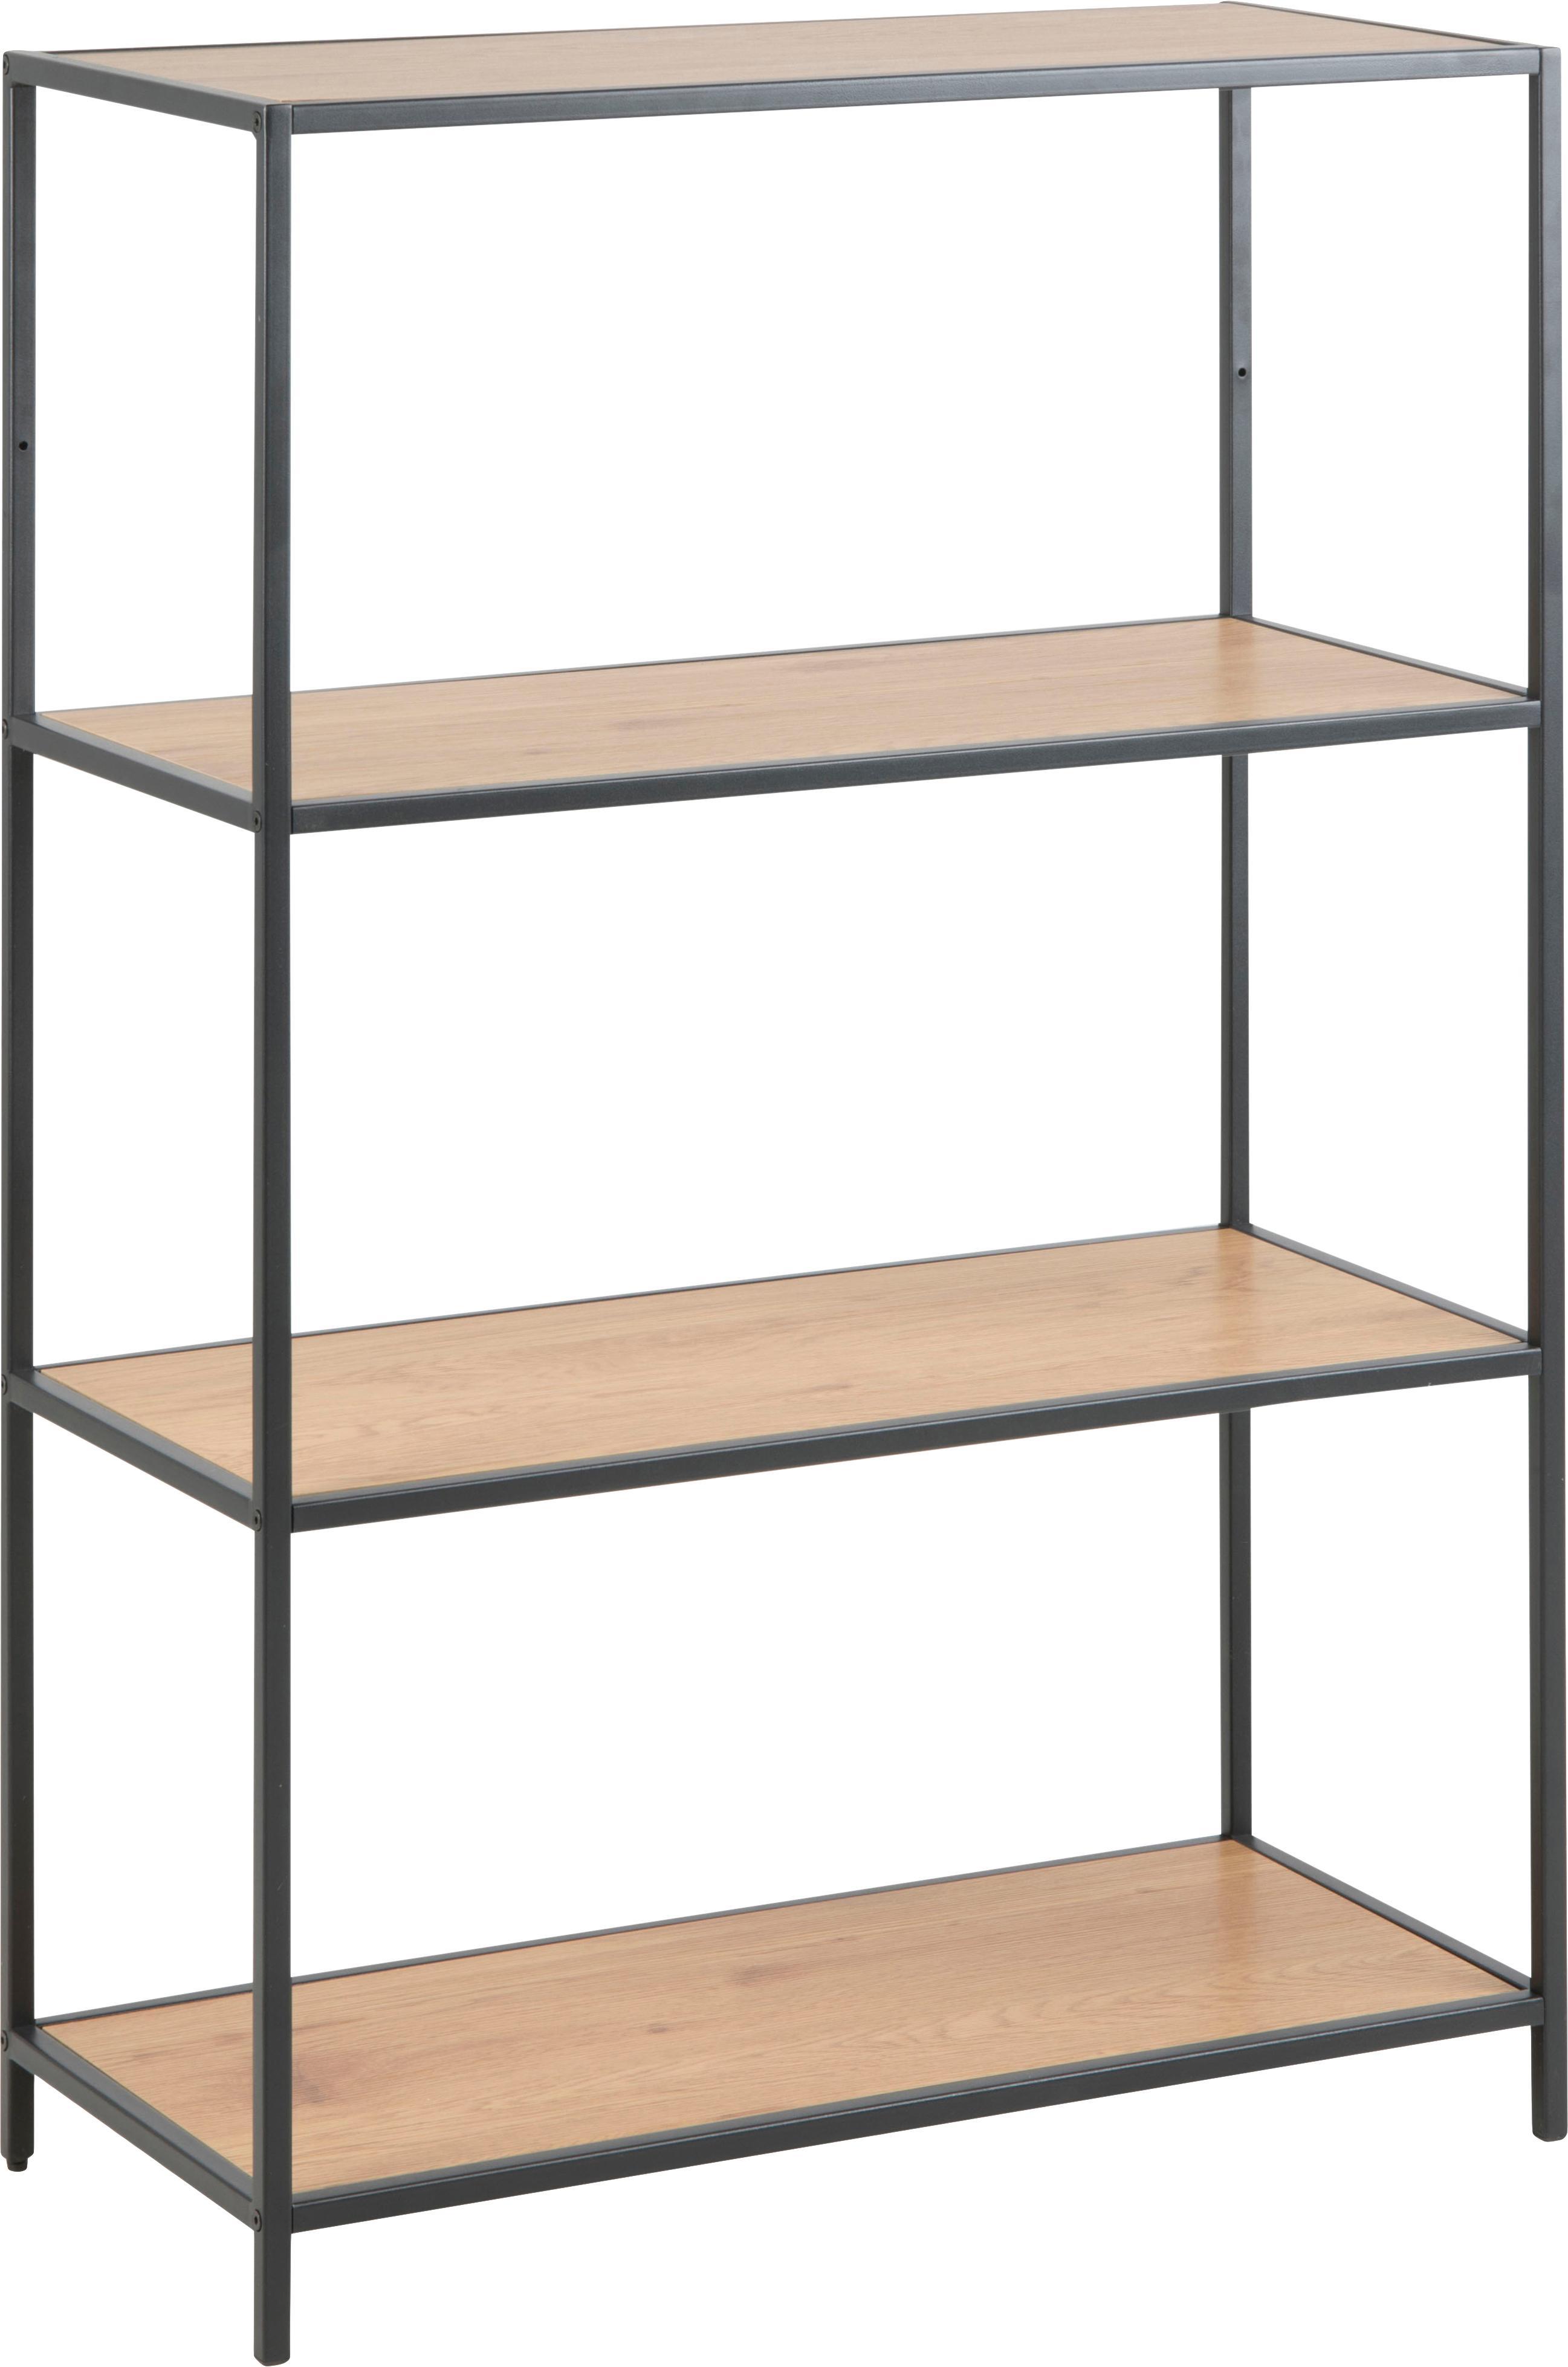 Estantería de metal Seaford, Estantes: tablero de fibras de dens, Estructura: metal, pintura en polvo, Estantes: roble Estructura: negro, An 77 x Al 114 cm